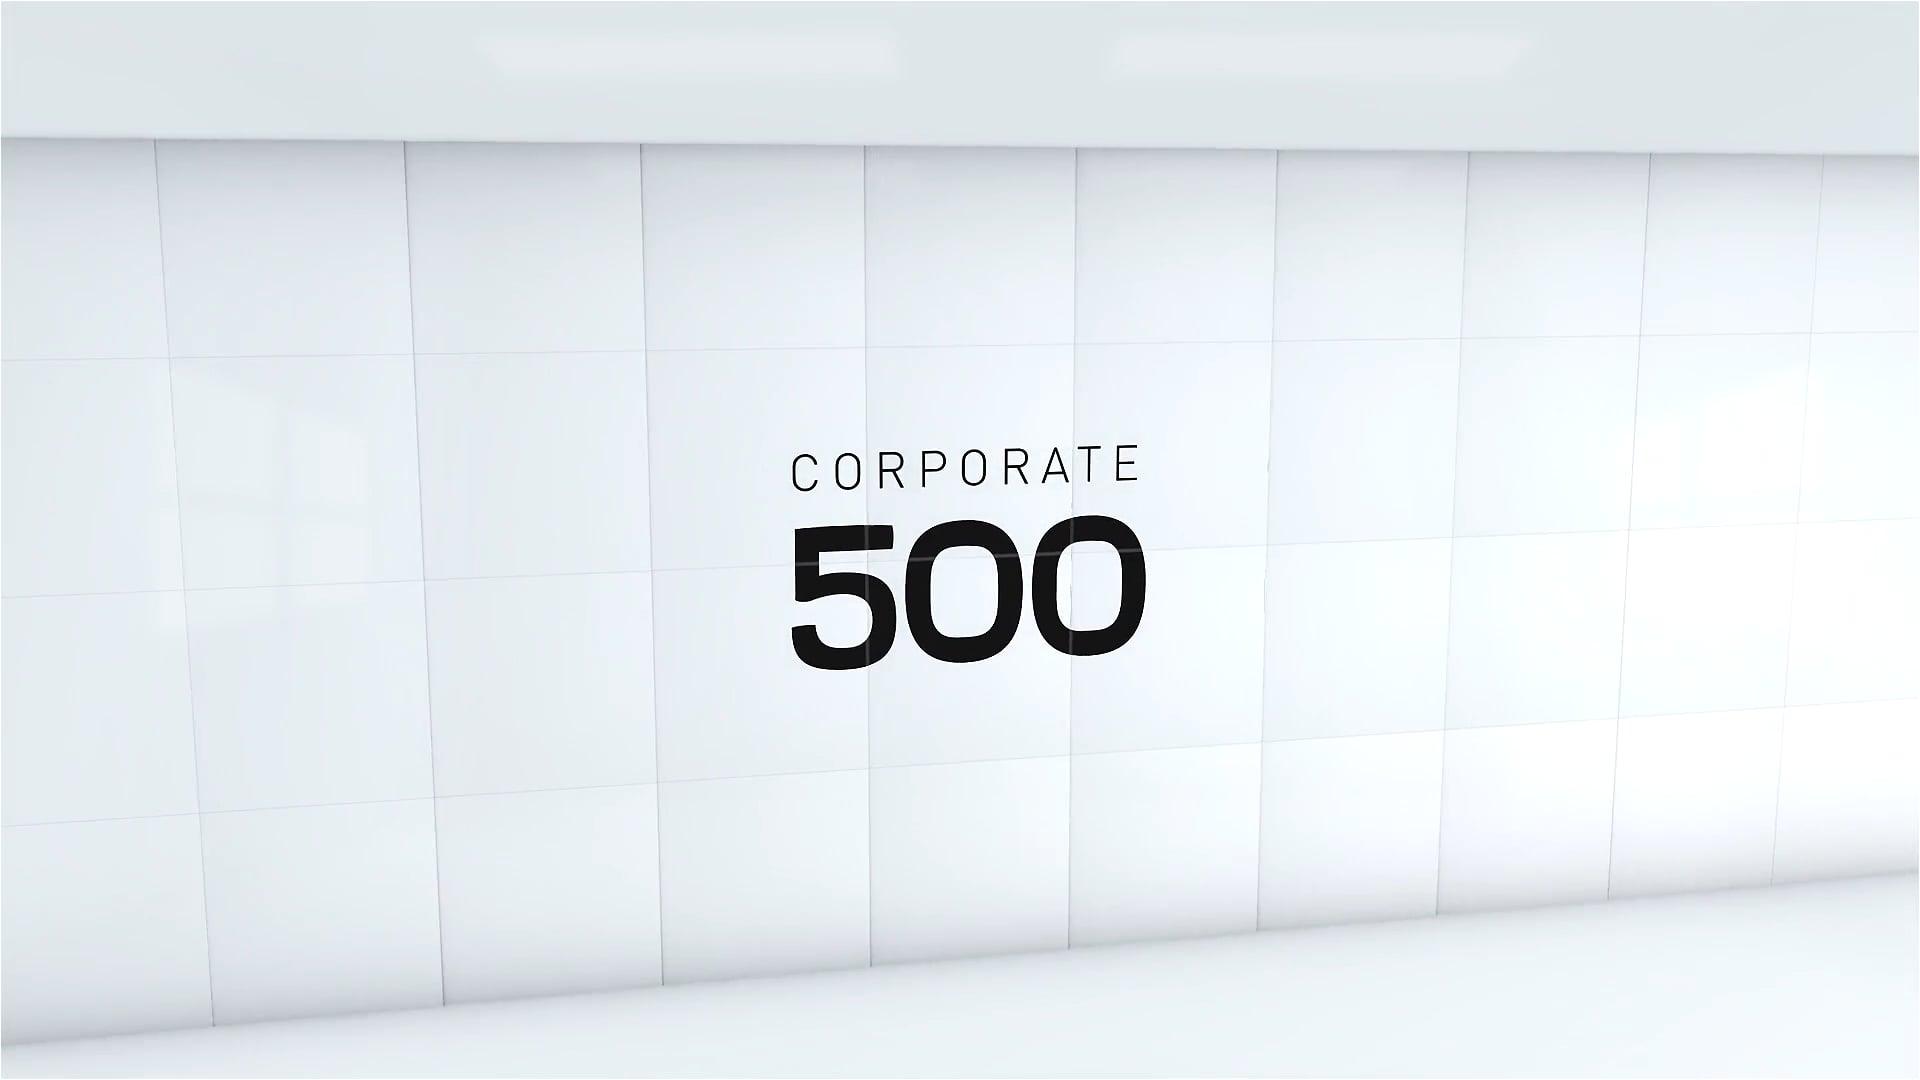 TM - Corporate 500